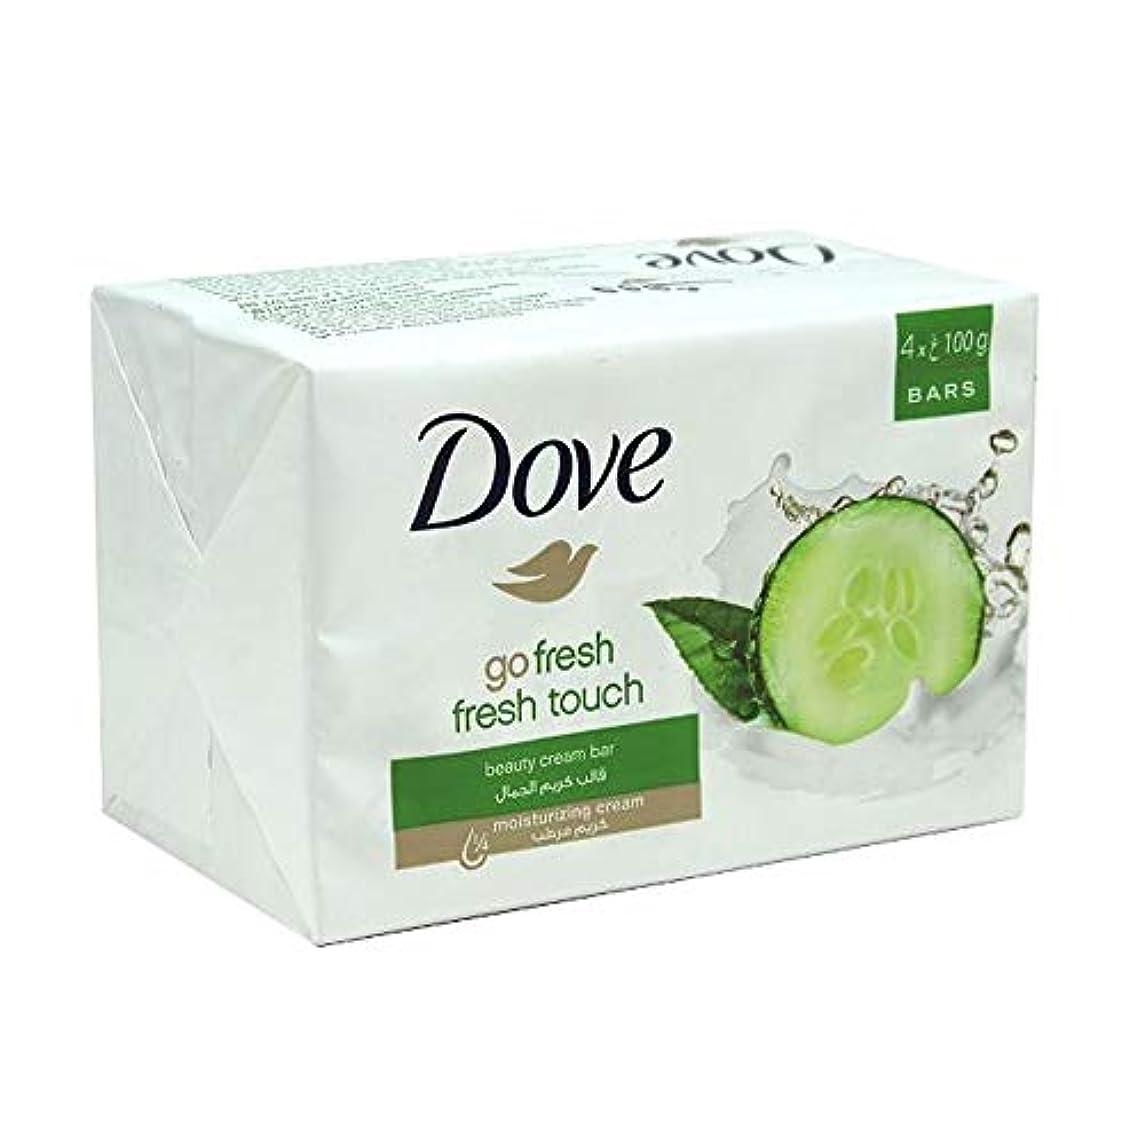 シニス勘違いする高潔なGo Fresh Fresh Touch with Cucumber & Green Tea Scent